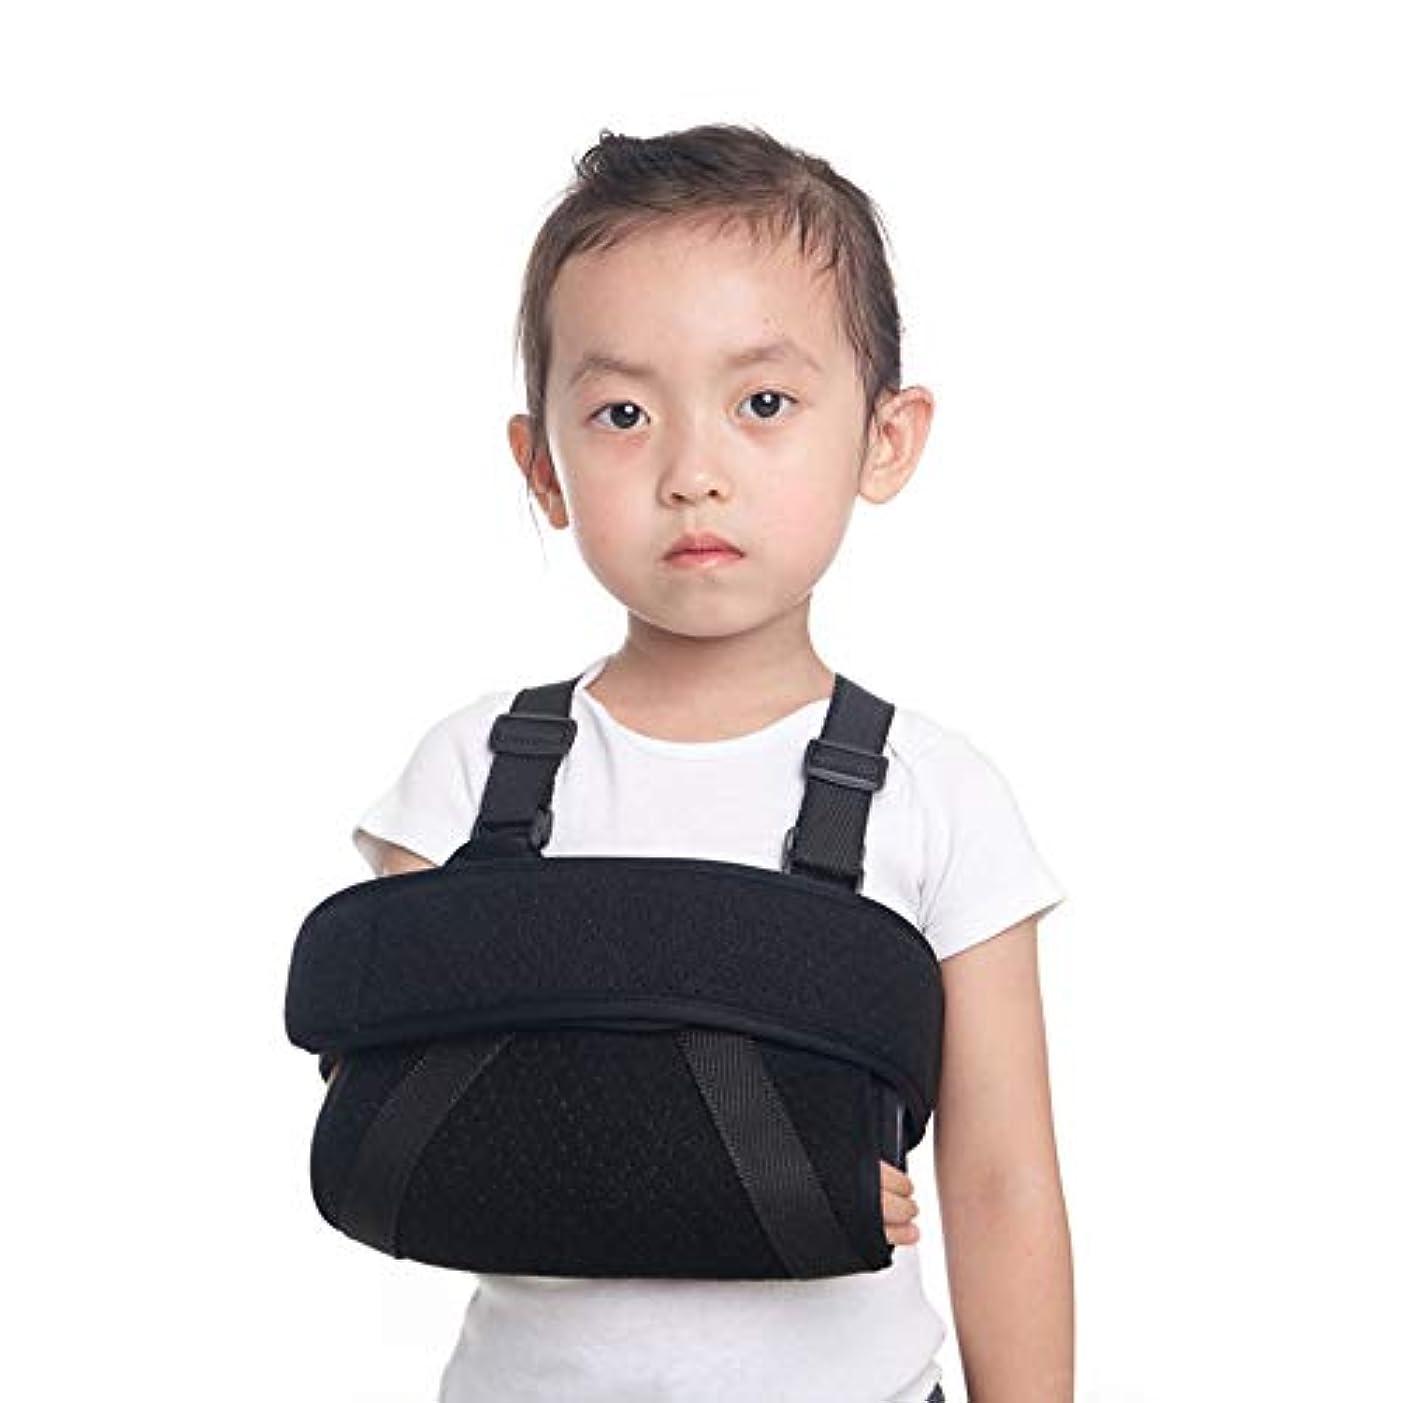 の間に反乱剪断キッズフラクチャリングスリング、アームエルボーフラクチャ固定ブレース、6-10歳の子供の 手首脱臼保護サポート,S